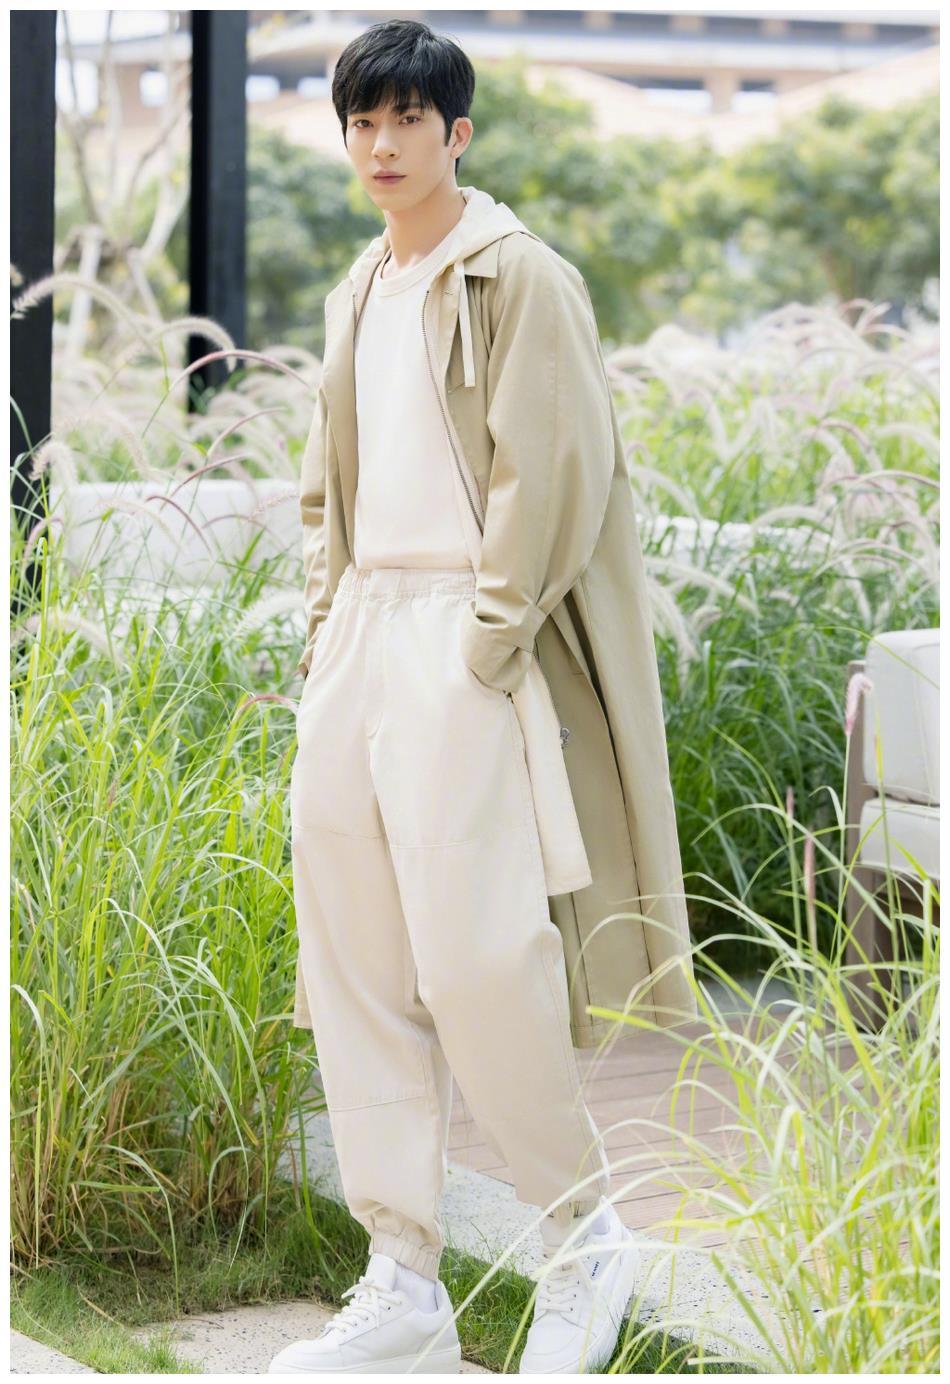 井柏然清新惬意 穿风衣置身花园阳光帅气